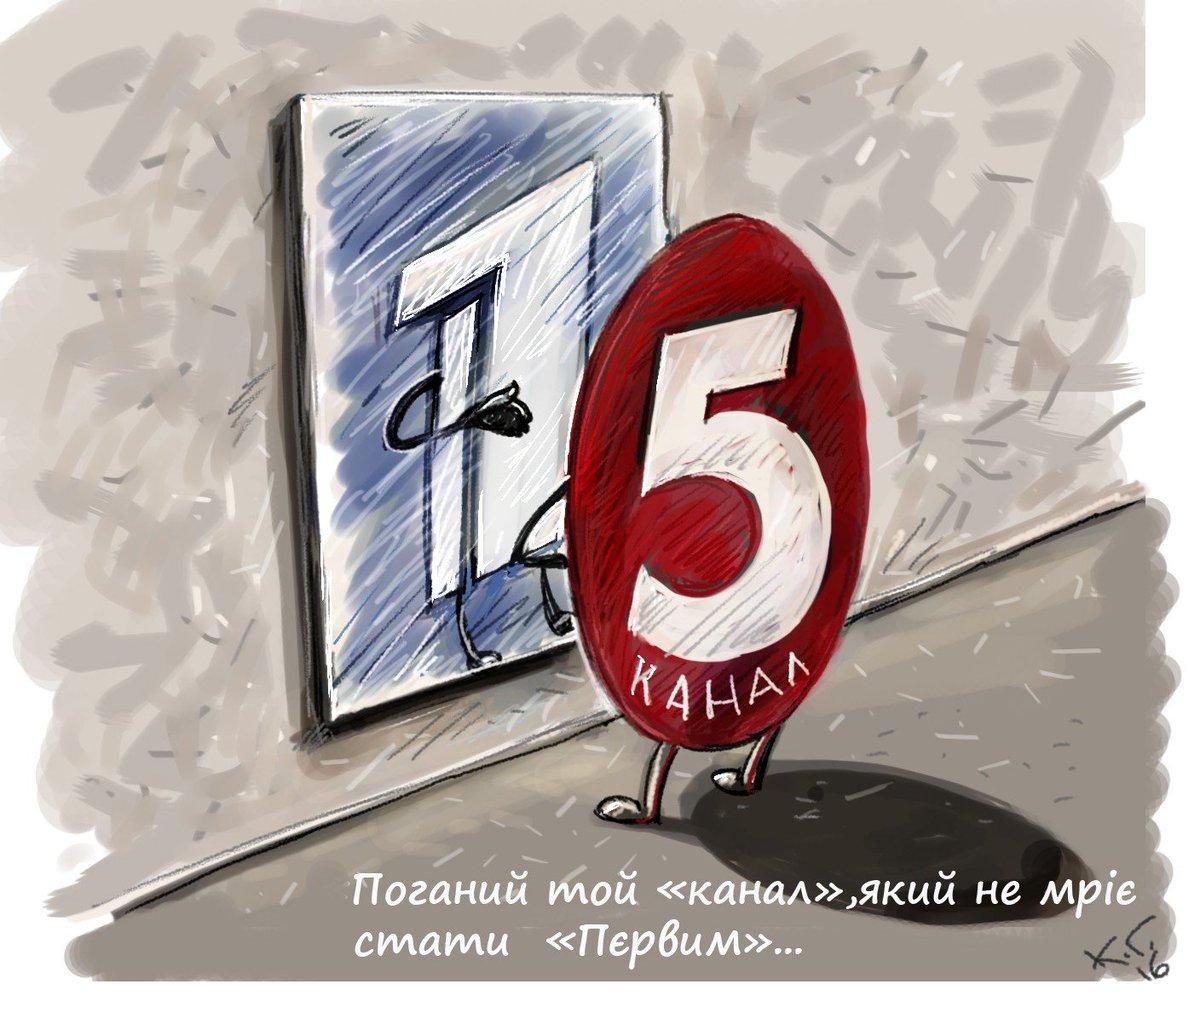 """Нормы закона о """"партийной диктатуре"""" уже применялись в избирательном законодательстве, - Охендовский - Цензор.НЕТ 3556"""